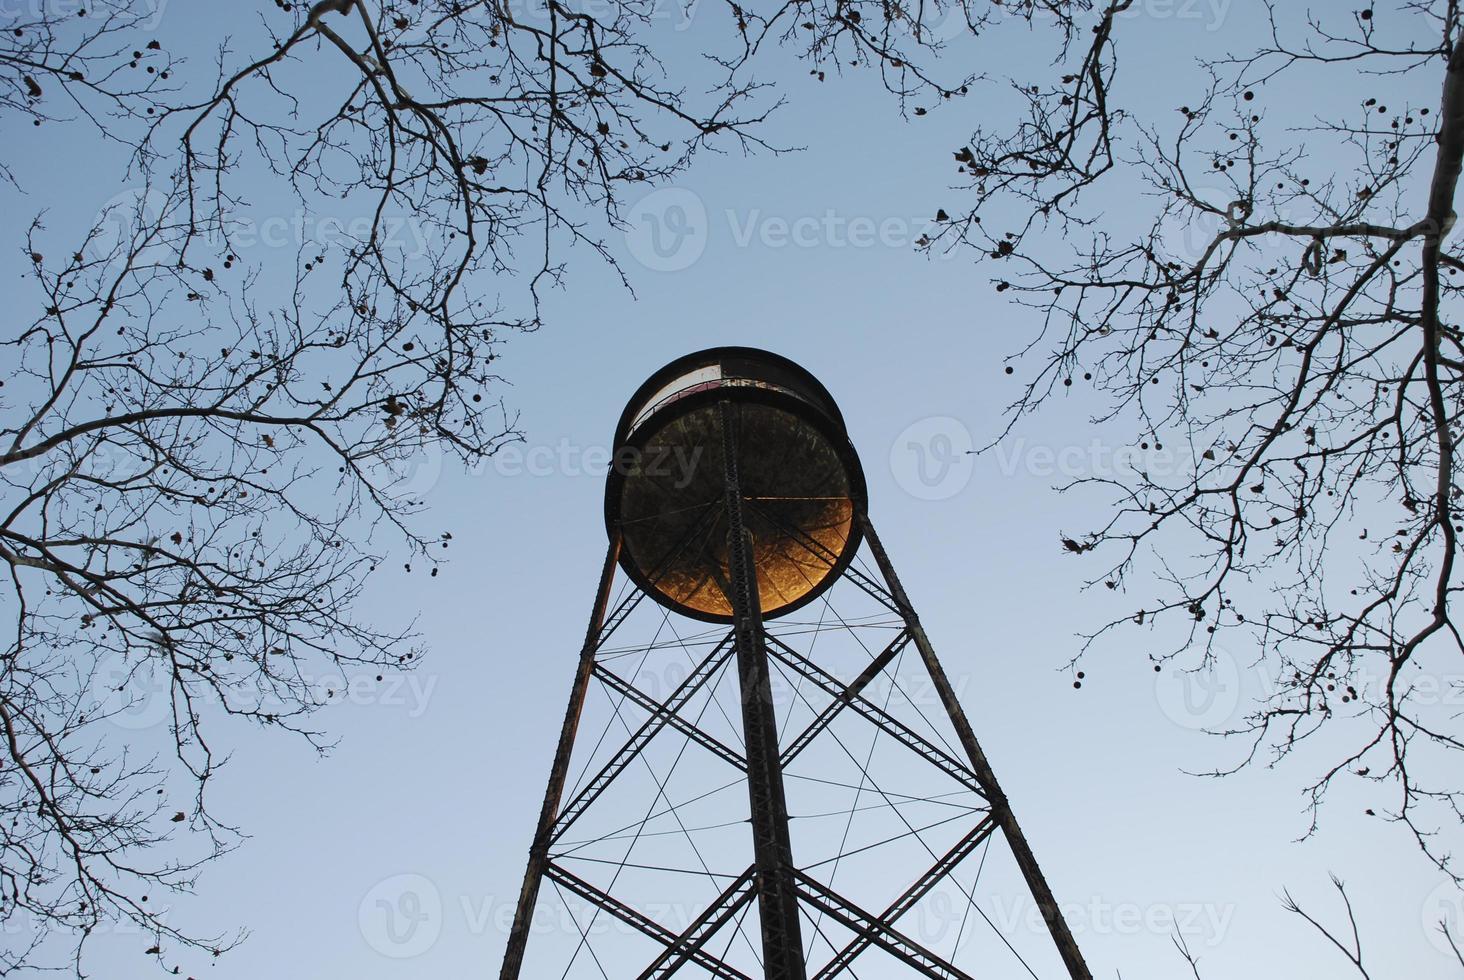 watertoren in Brooklyn, NY foto